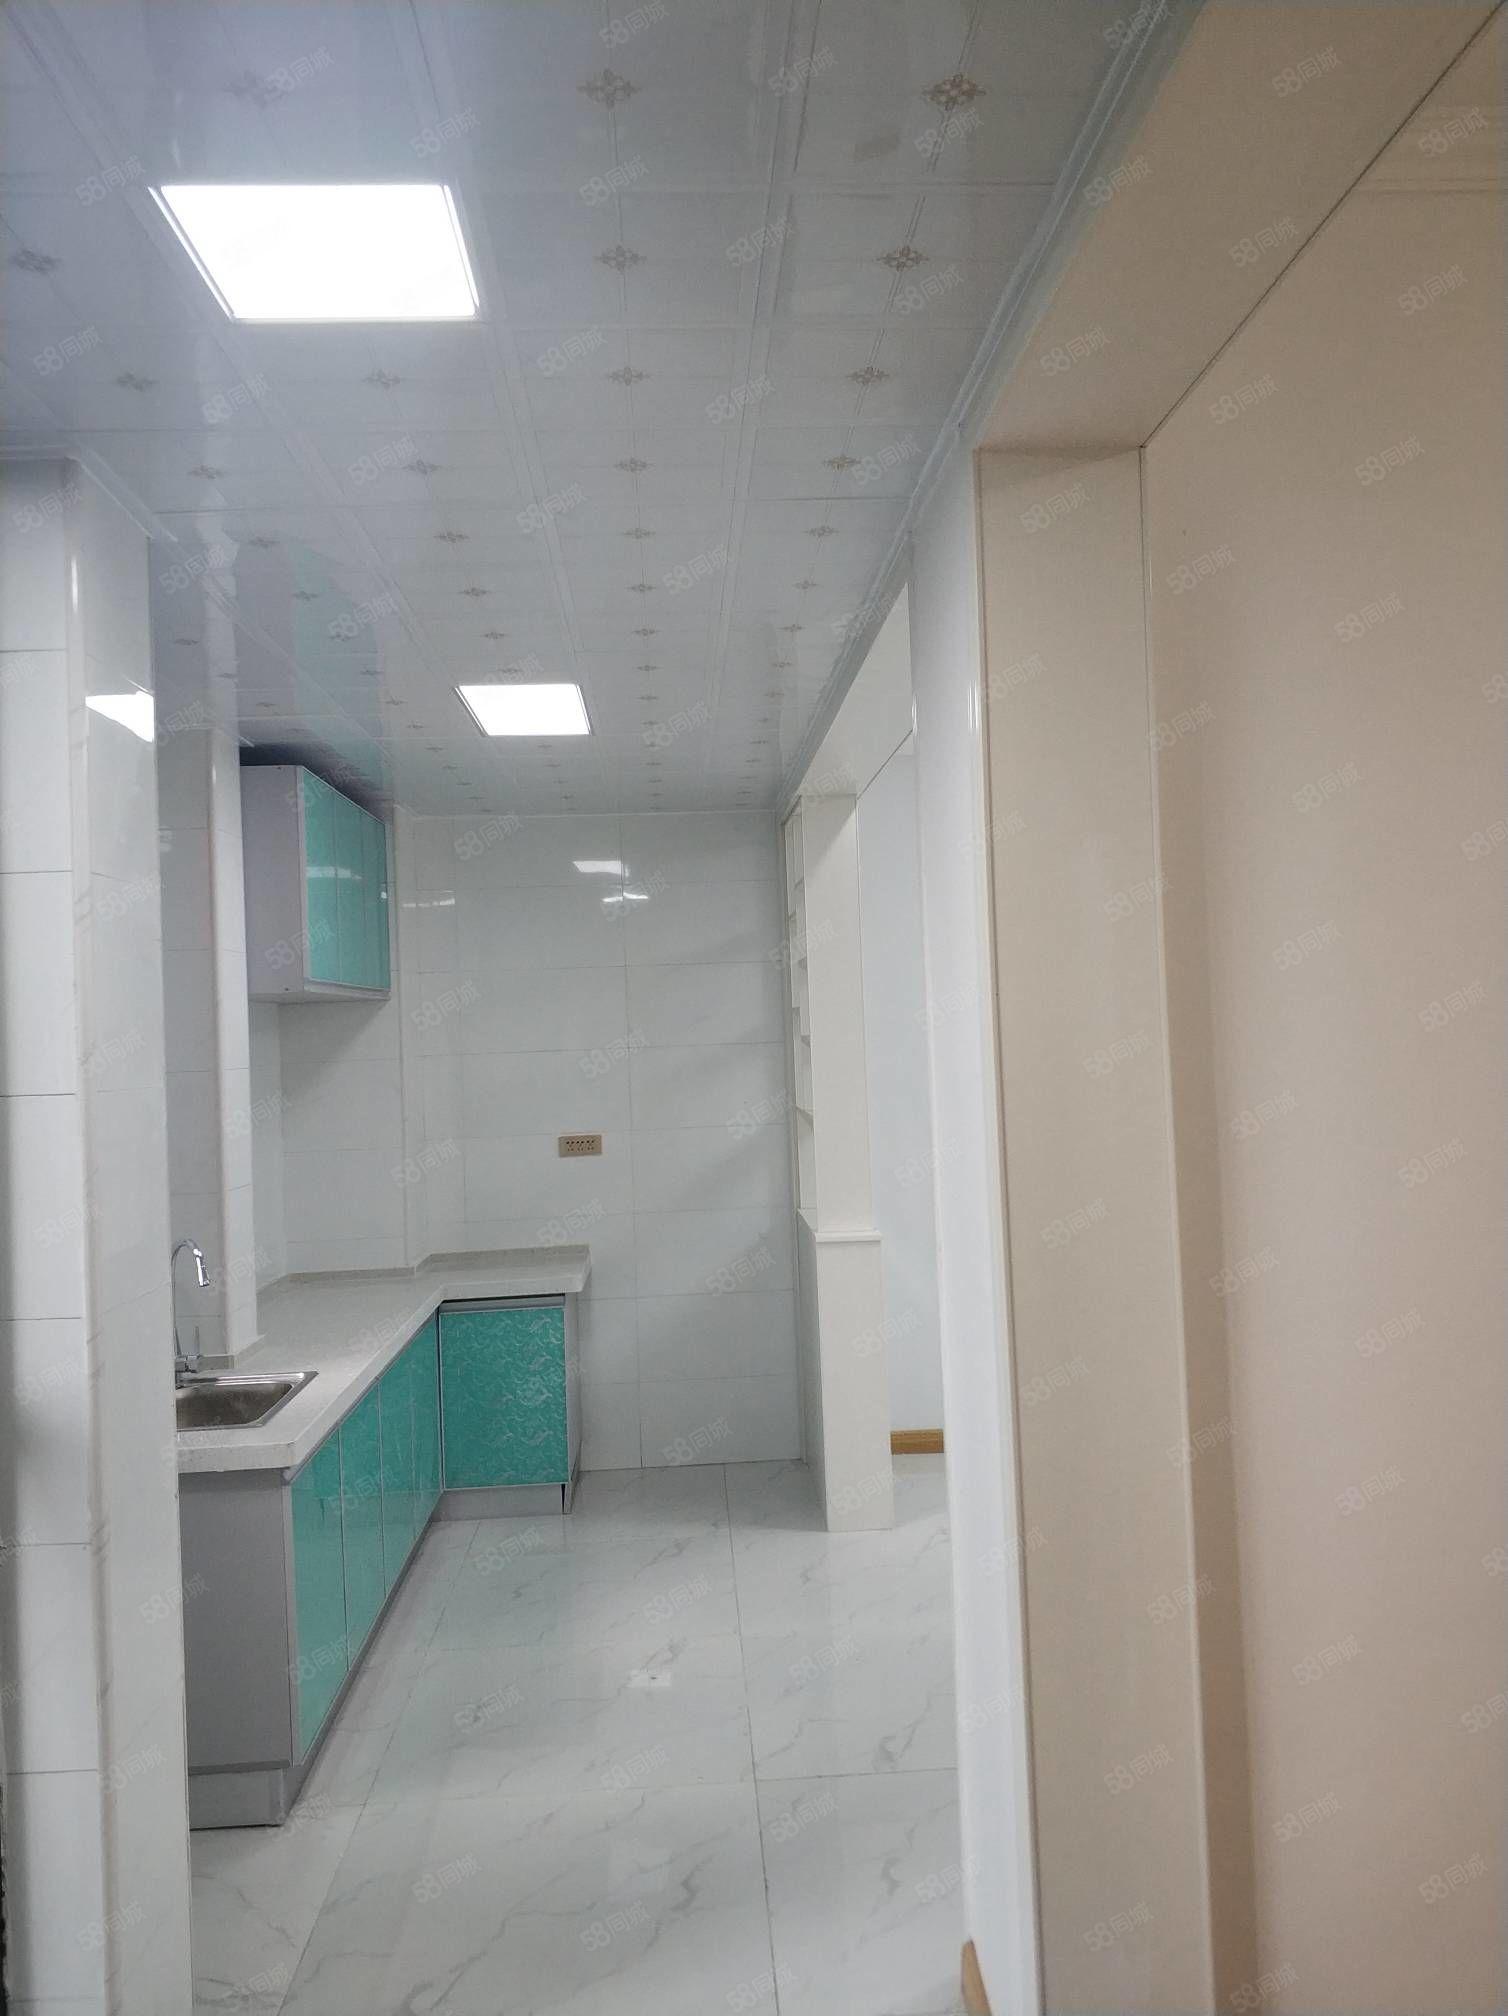 一中明堂小学毗邻电梯小户型阳光明媚31.8万拎包入住